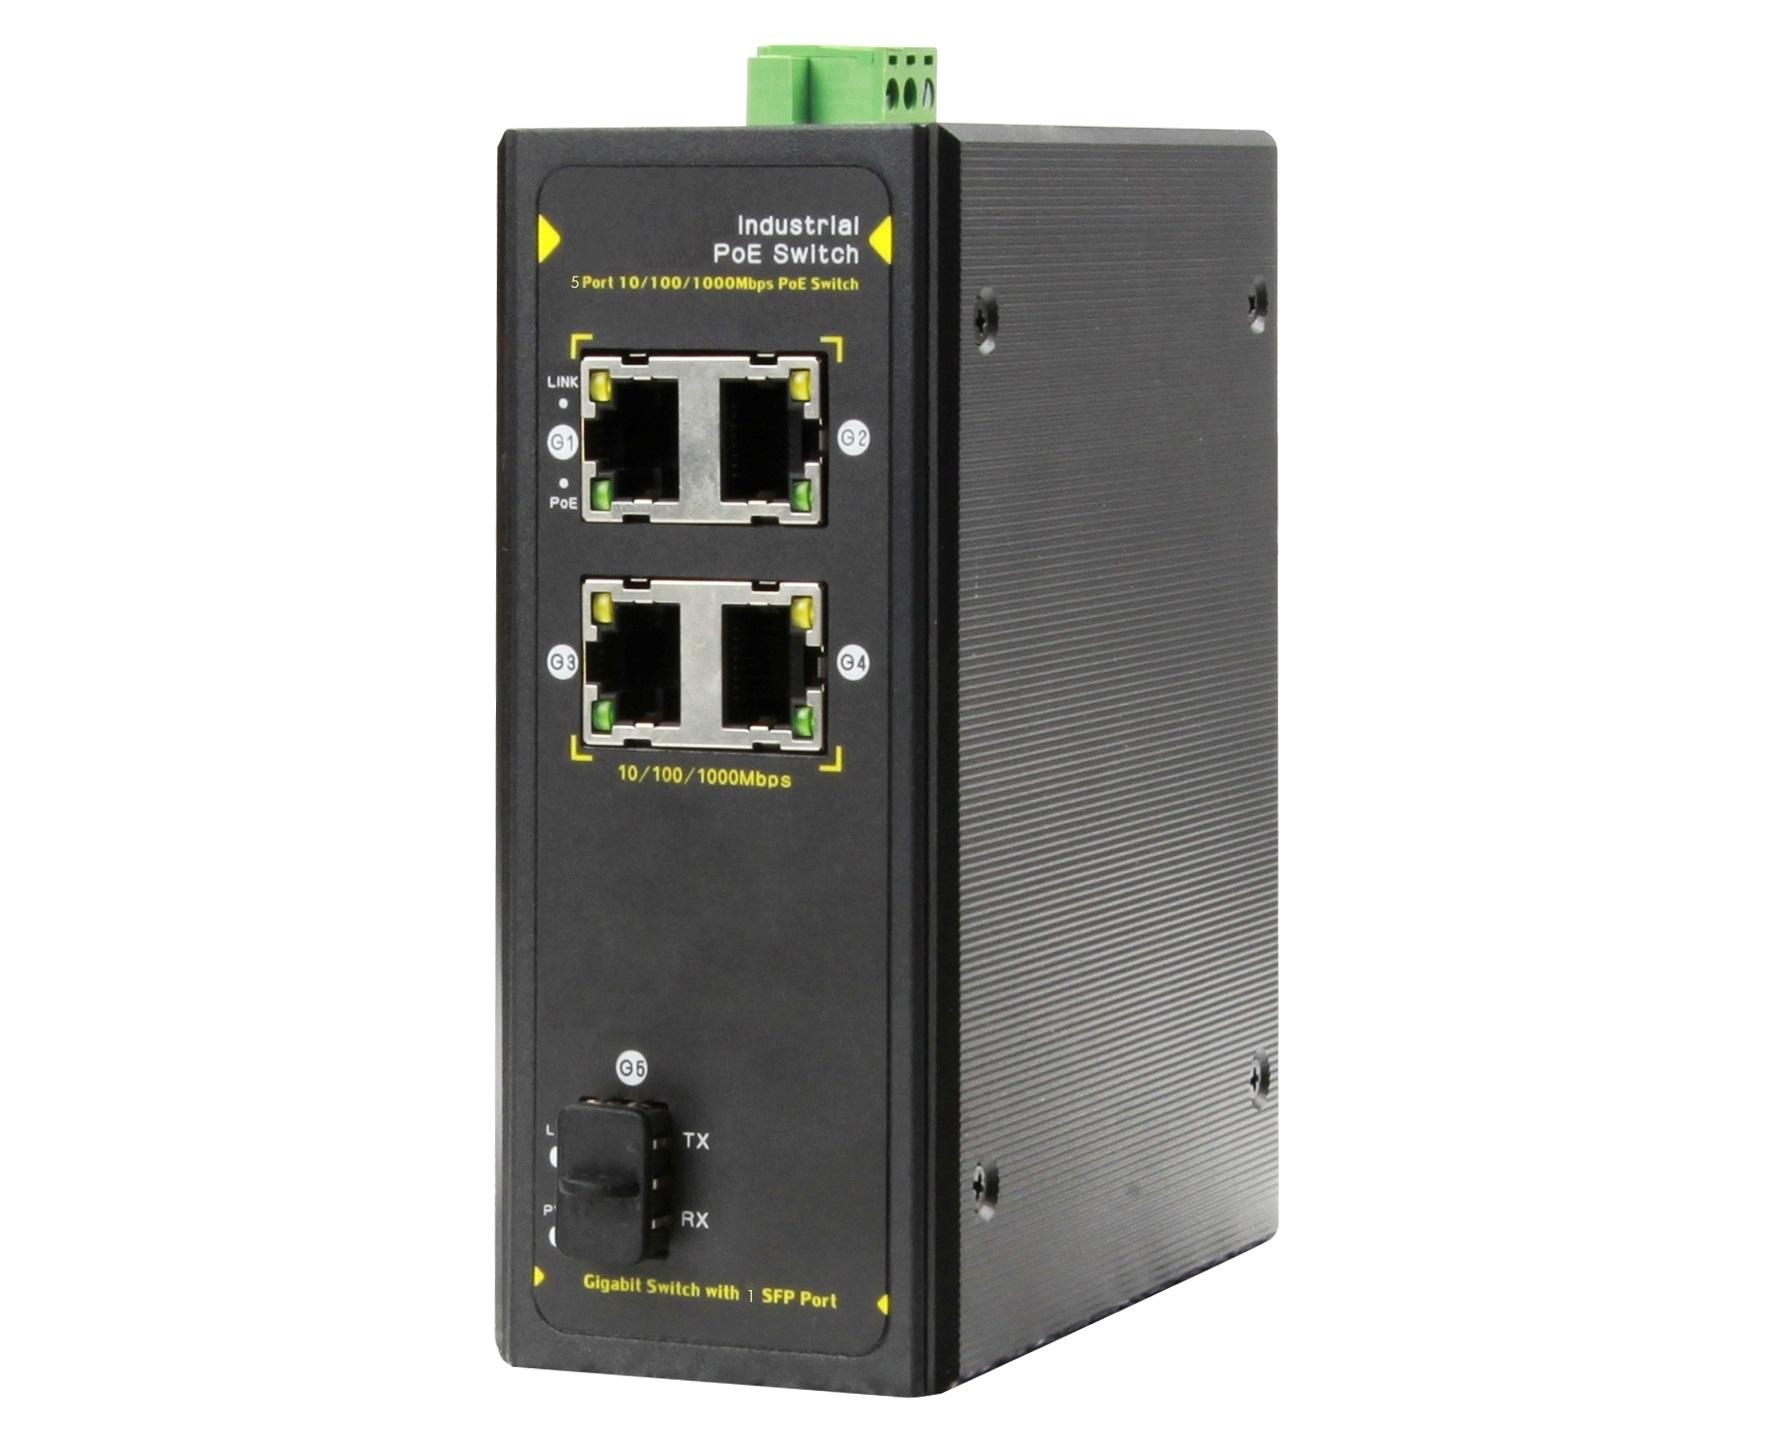 DG-IPS33054PF - Неуправляемый 5-ти портовый гигабитный коммутатор с PoE: 4 x 1Гб порта RJ45 c PoE, 1 x 1Гб с SFP